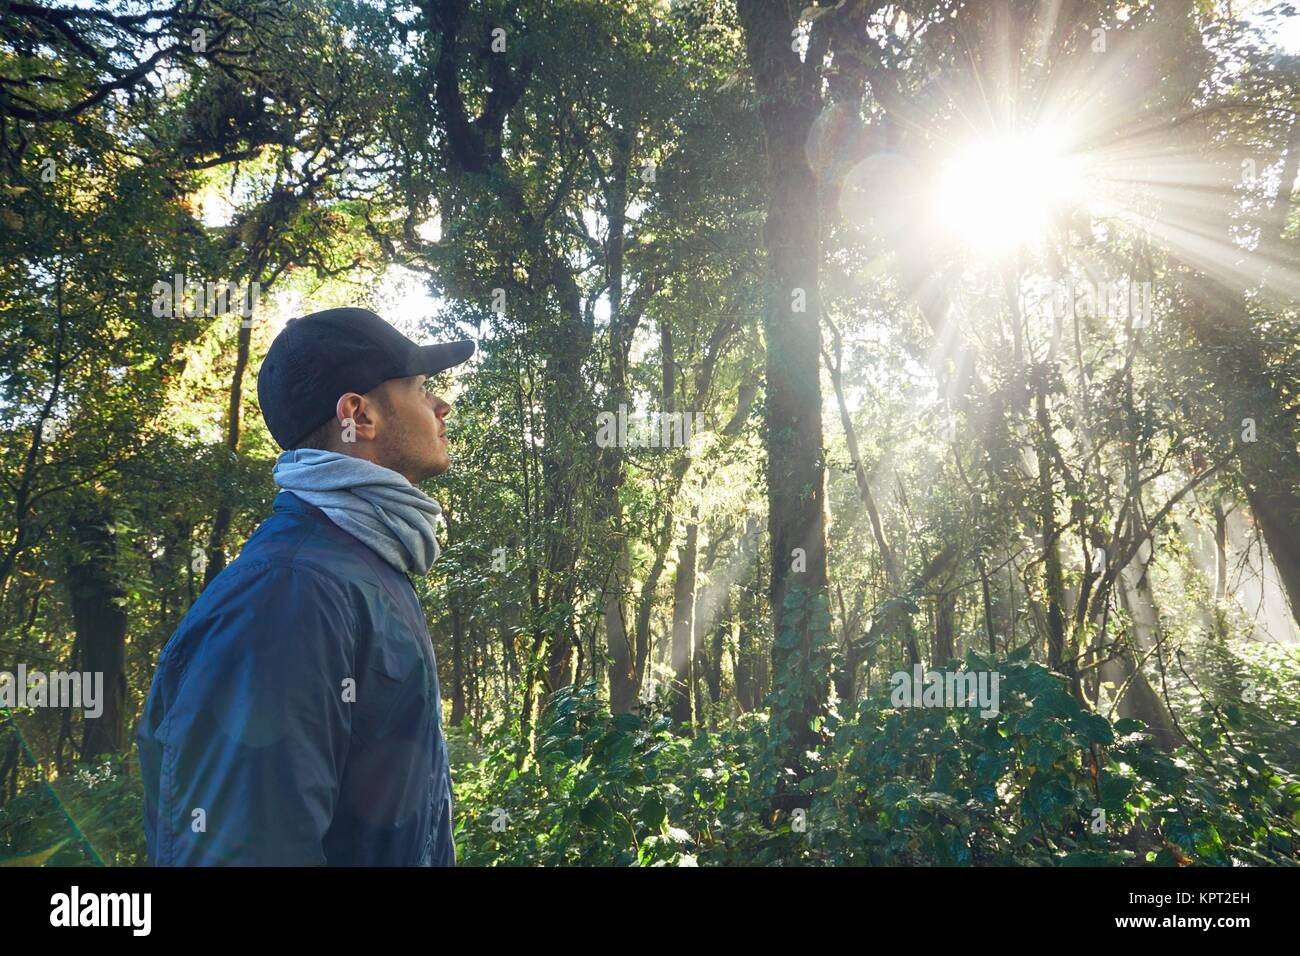 Wanderung bei Sonnenaufgang. Junger Mann (Reisenden) Wandern im tropischen Regenwald in Thailand Berge. Stockbild